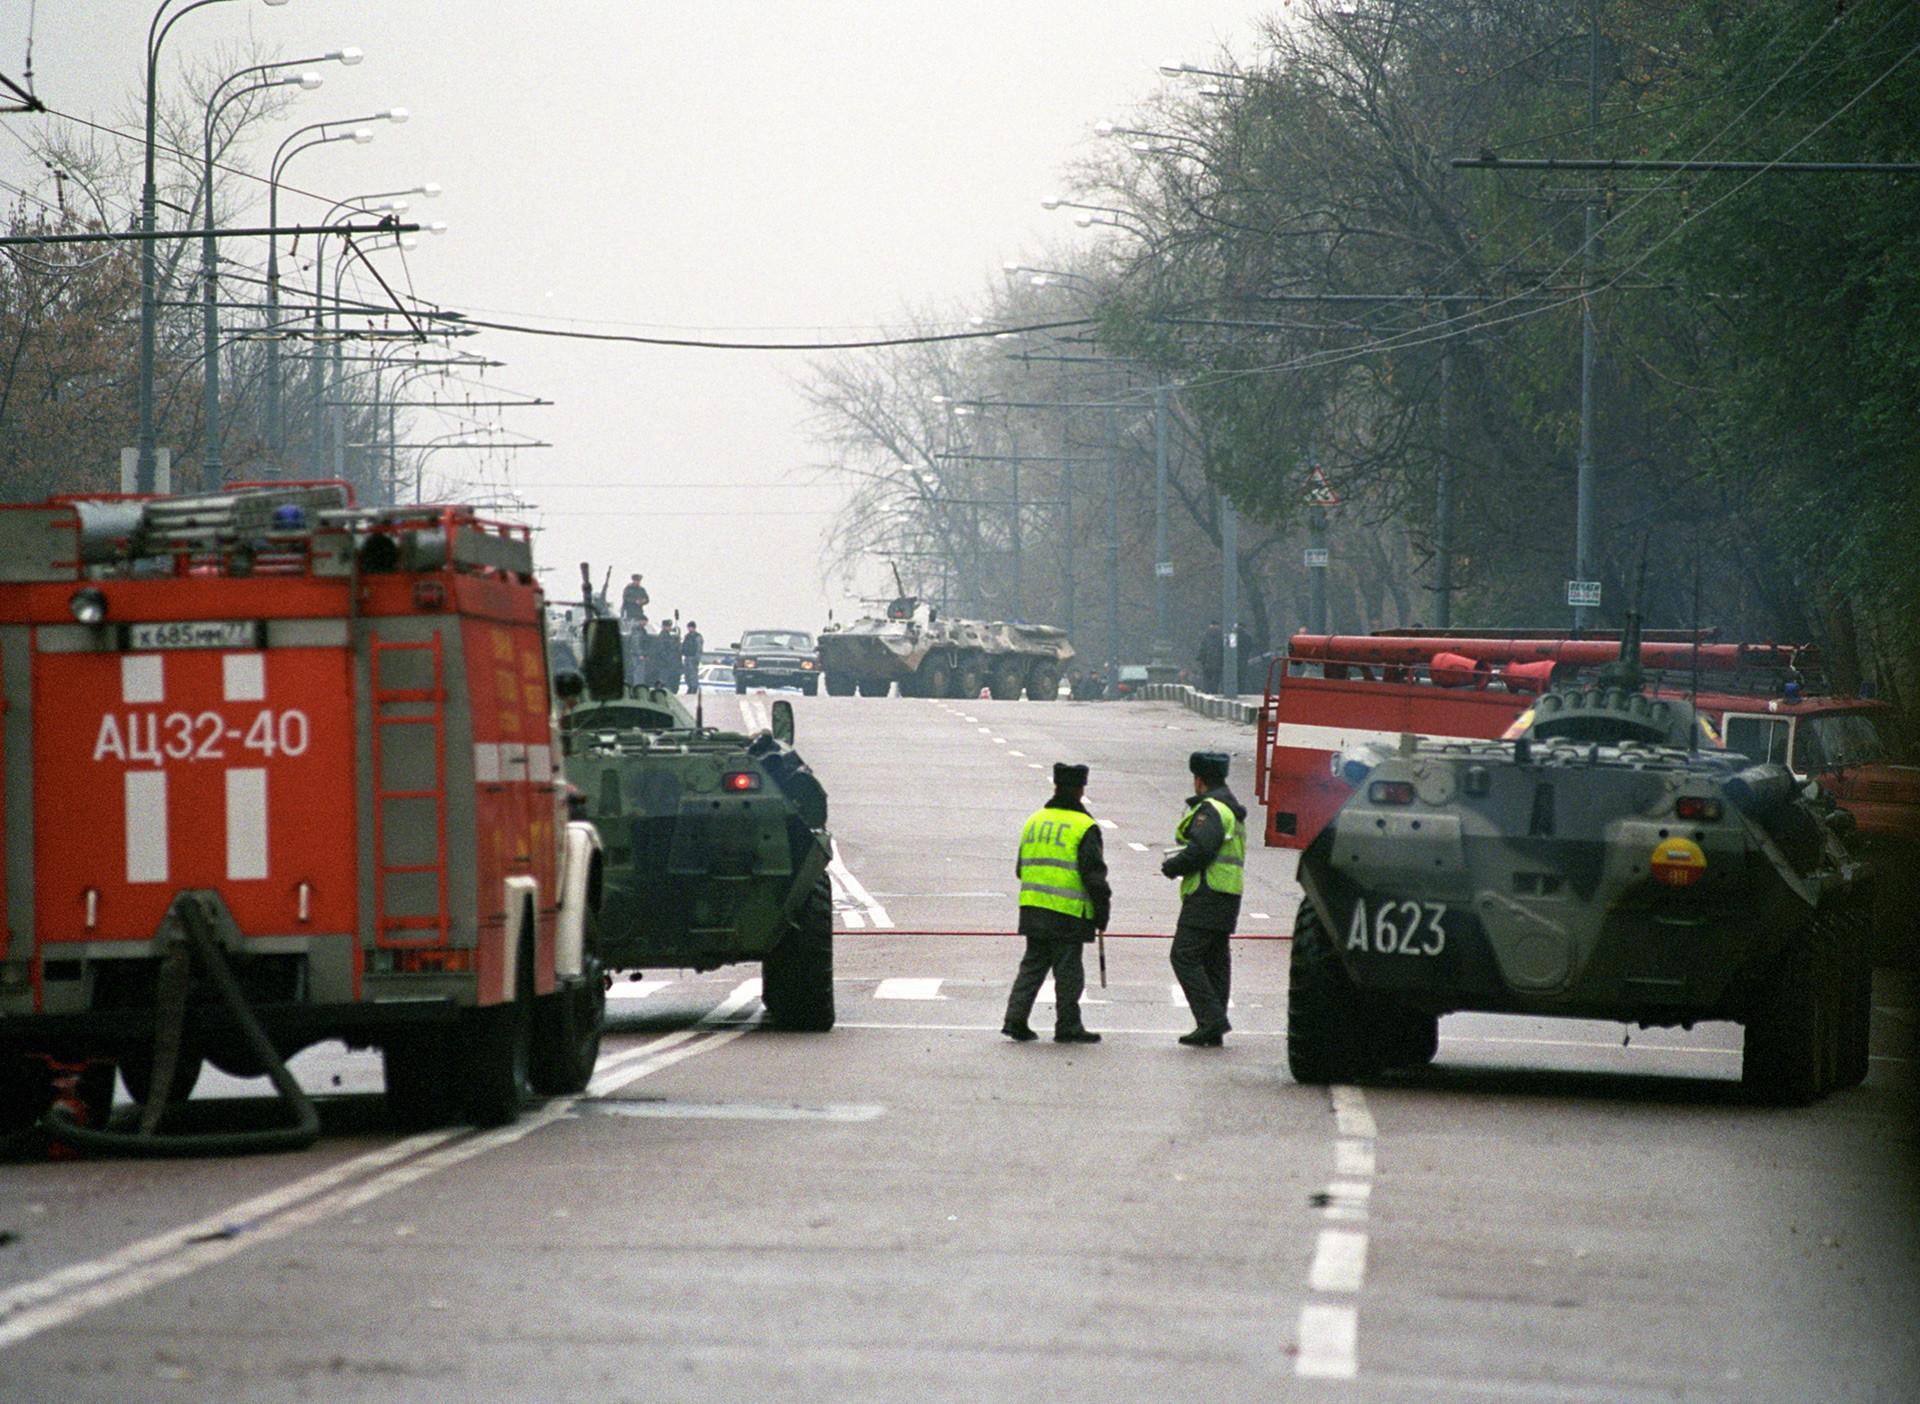 Órgãos de execução da lei e bombeiros durante o caso dos reféns no espetáculo 'Nord-Ost'.